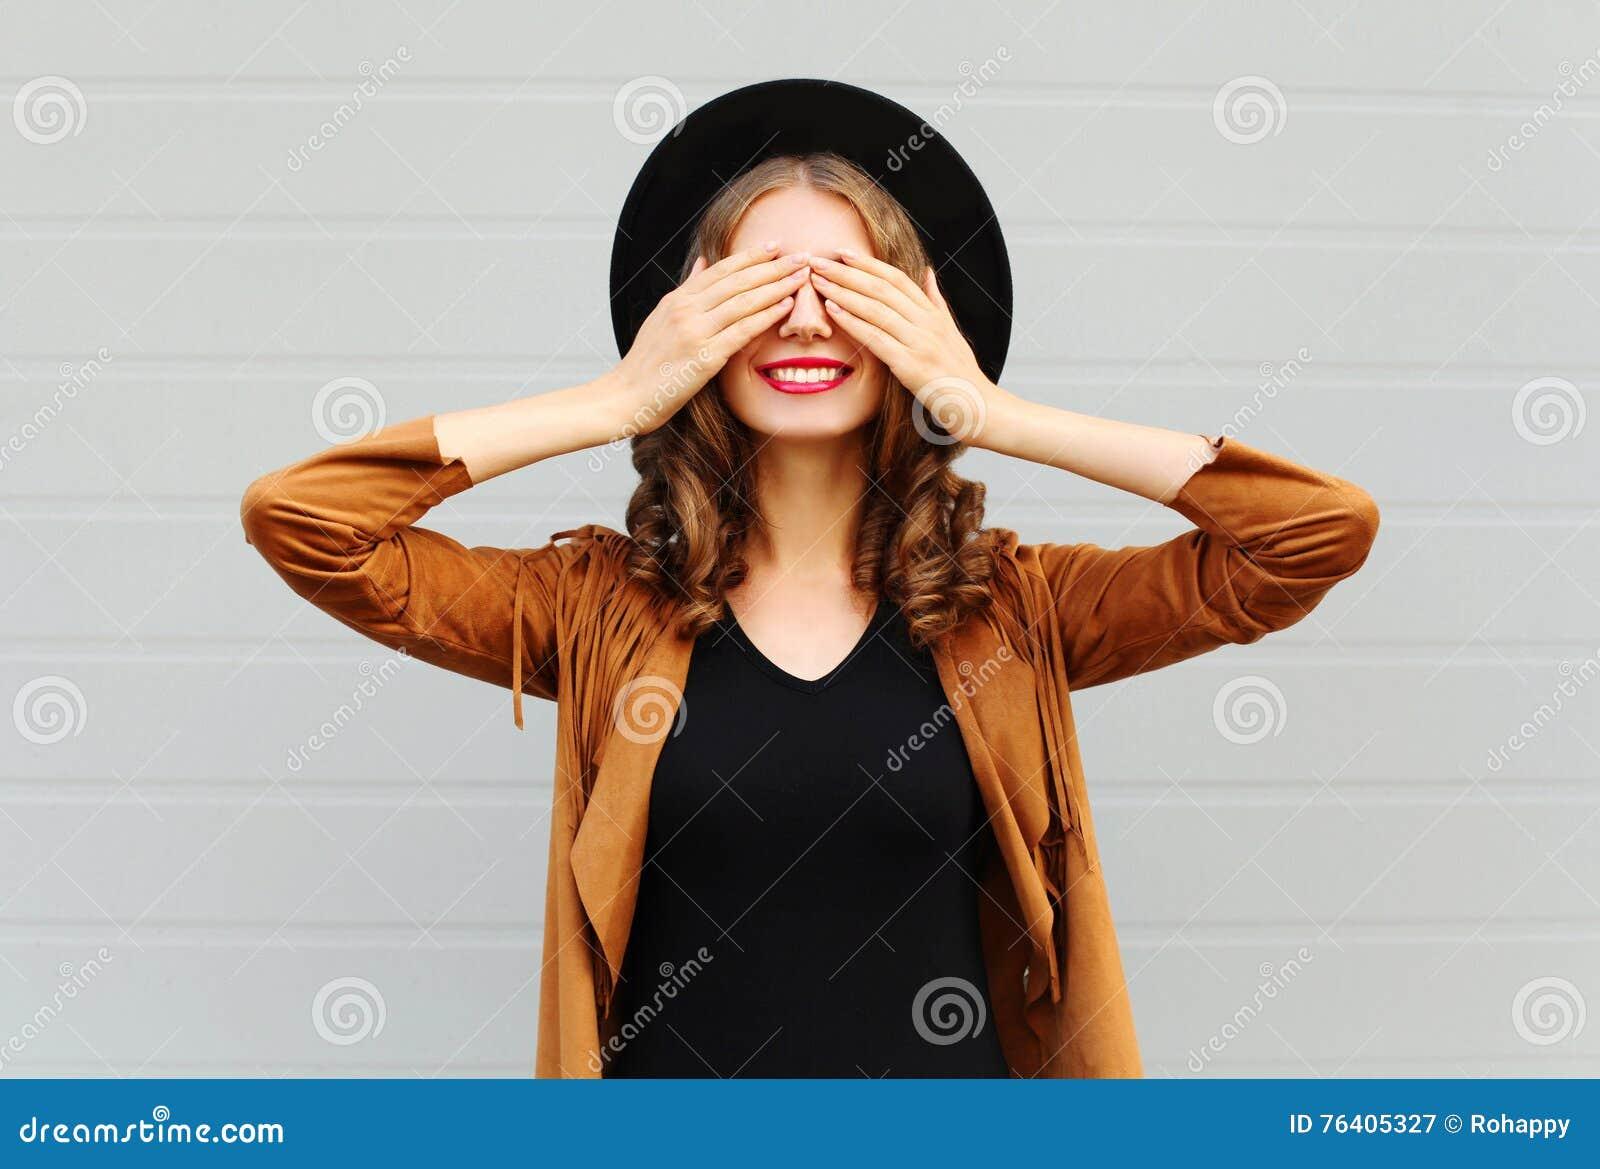 Kühle junge Frau der Mode recht schließt das nette Lächeln der Augen, eine Hut-Braunjacke der Weinlese tragend elegante, die Spaß